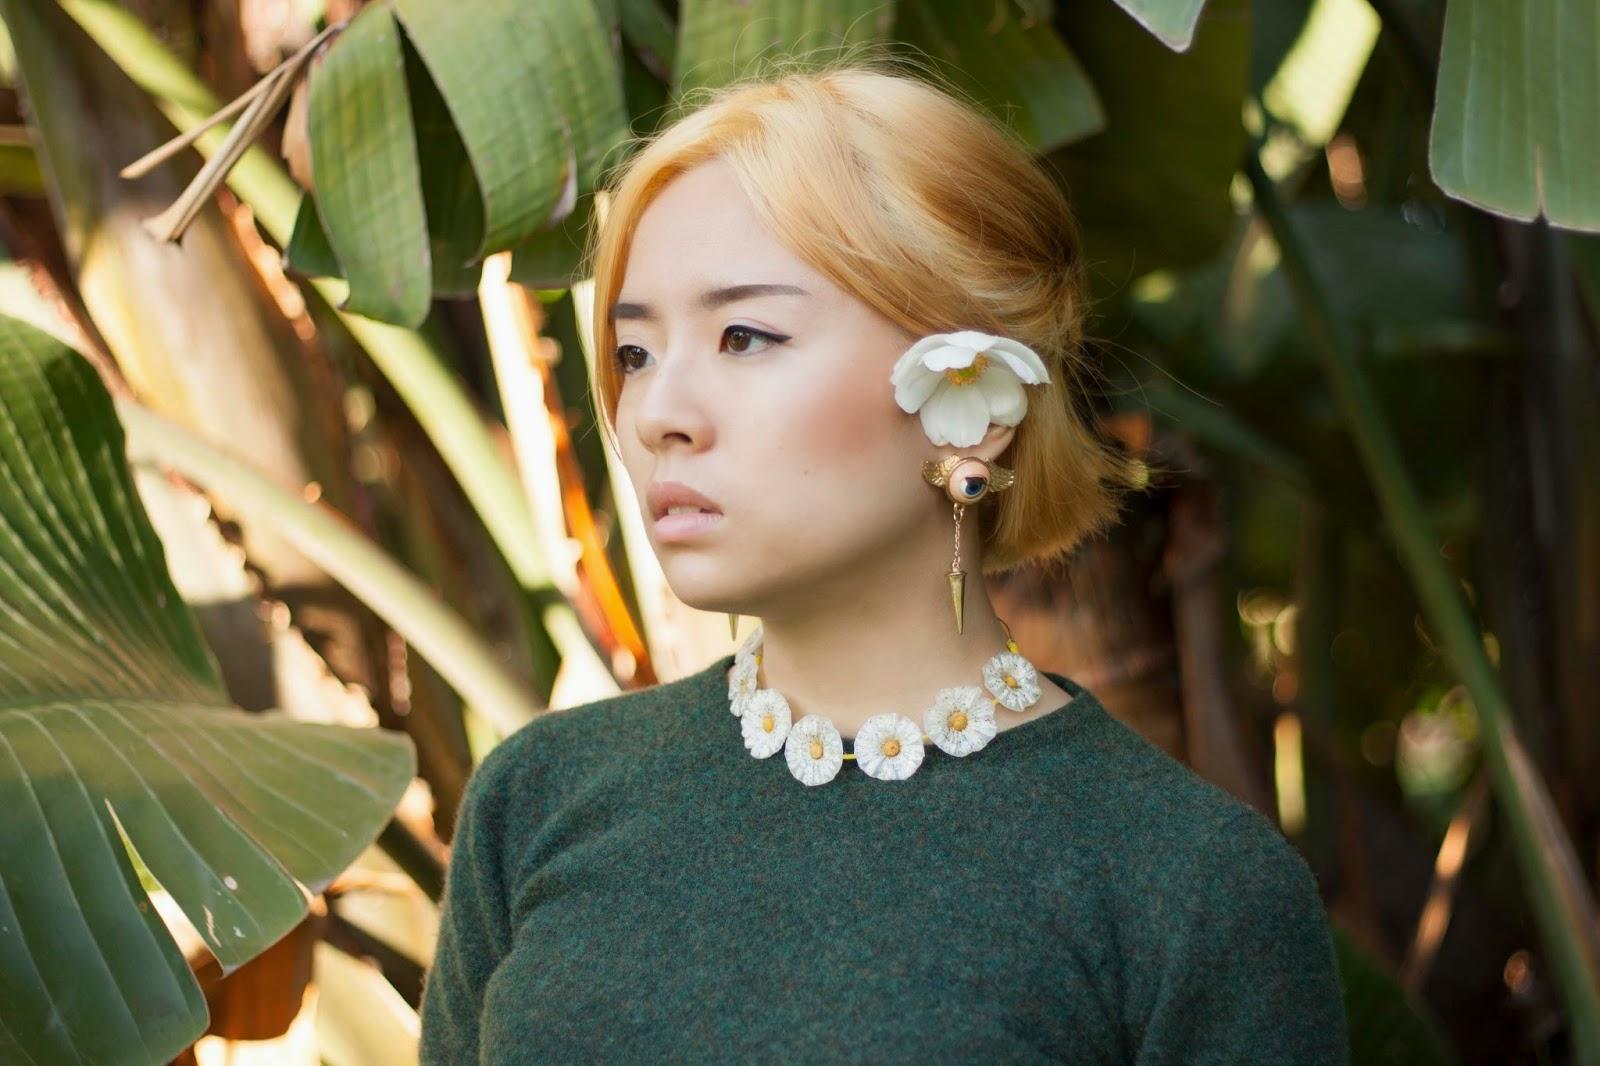 Jenny wearing eyeball earring